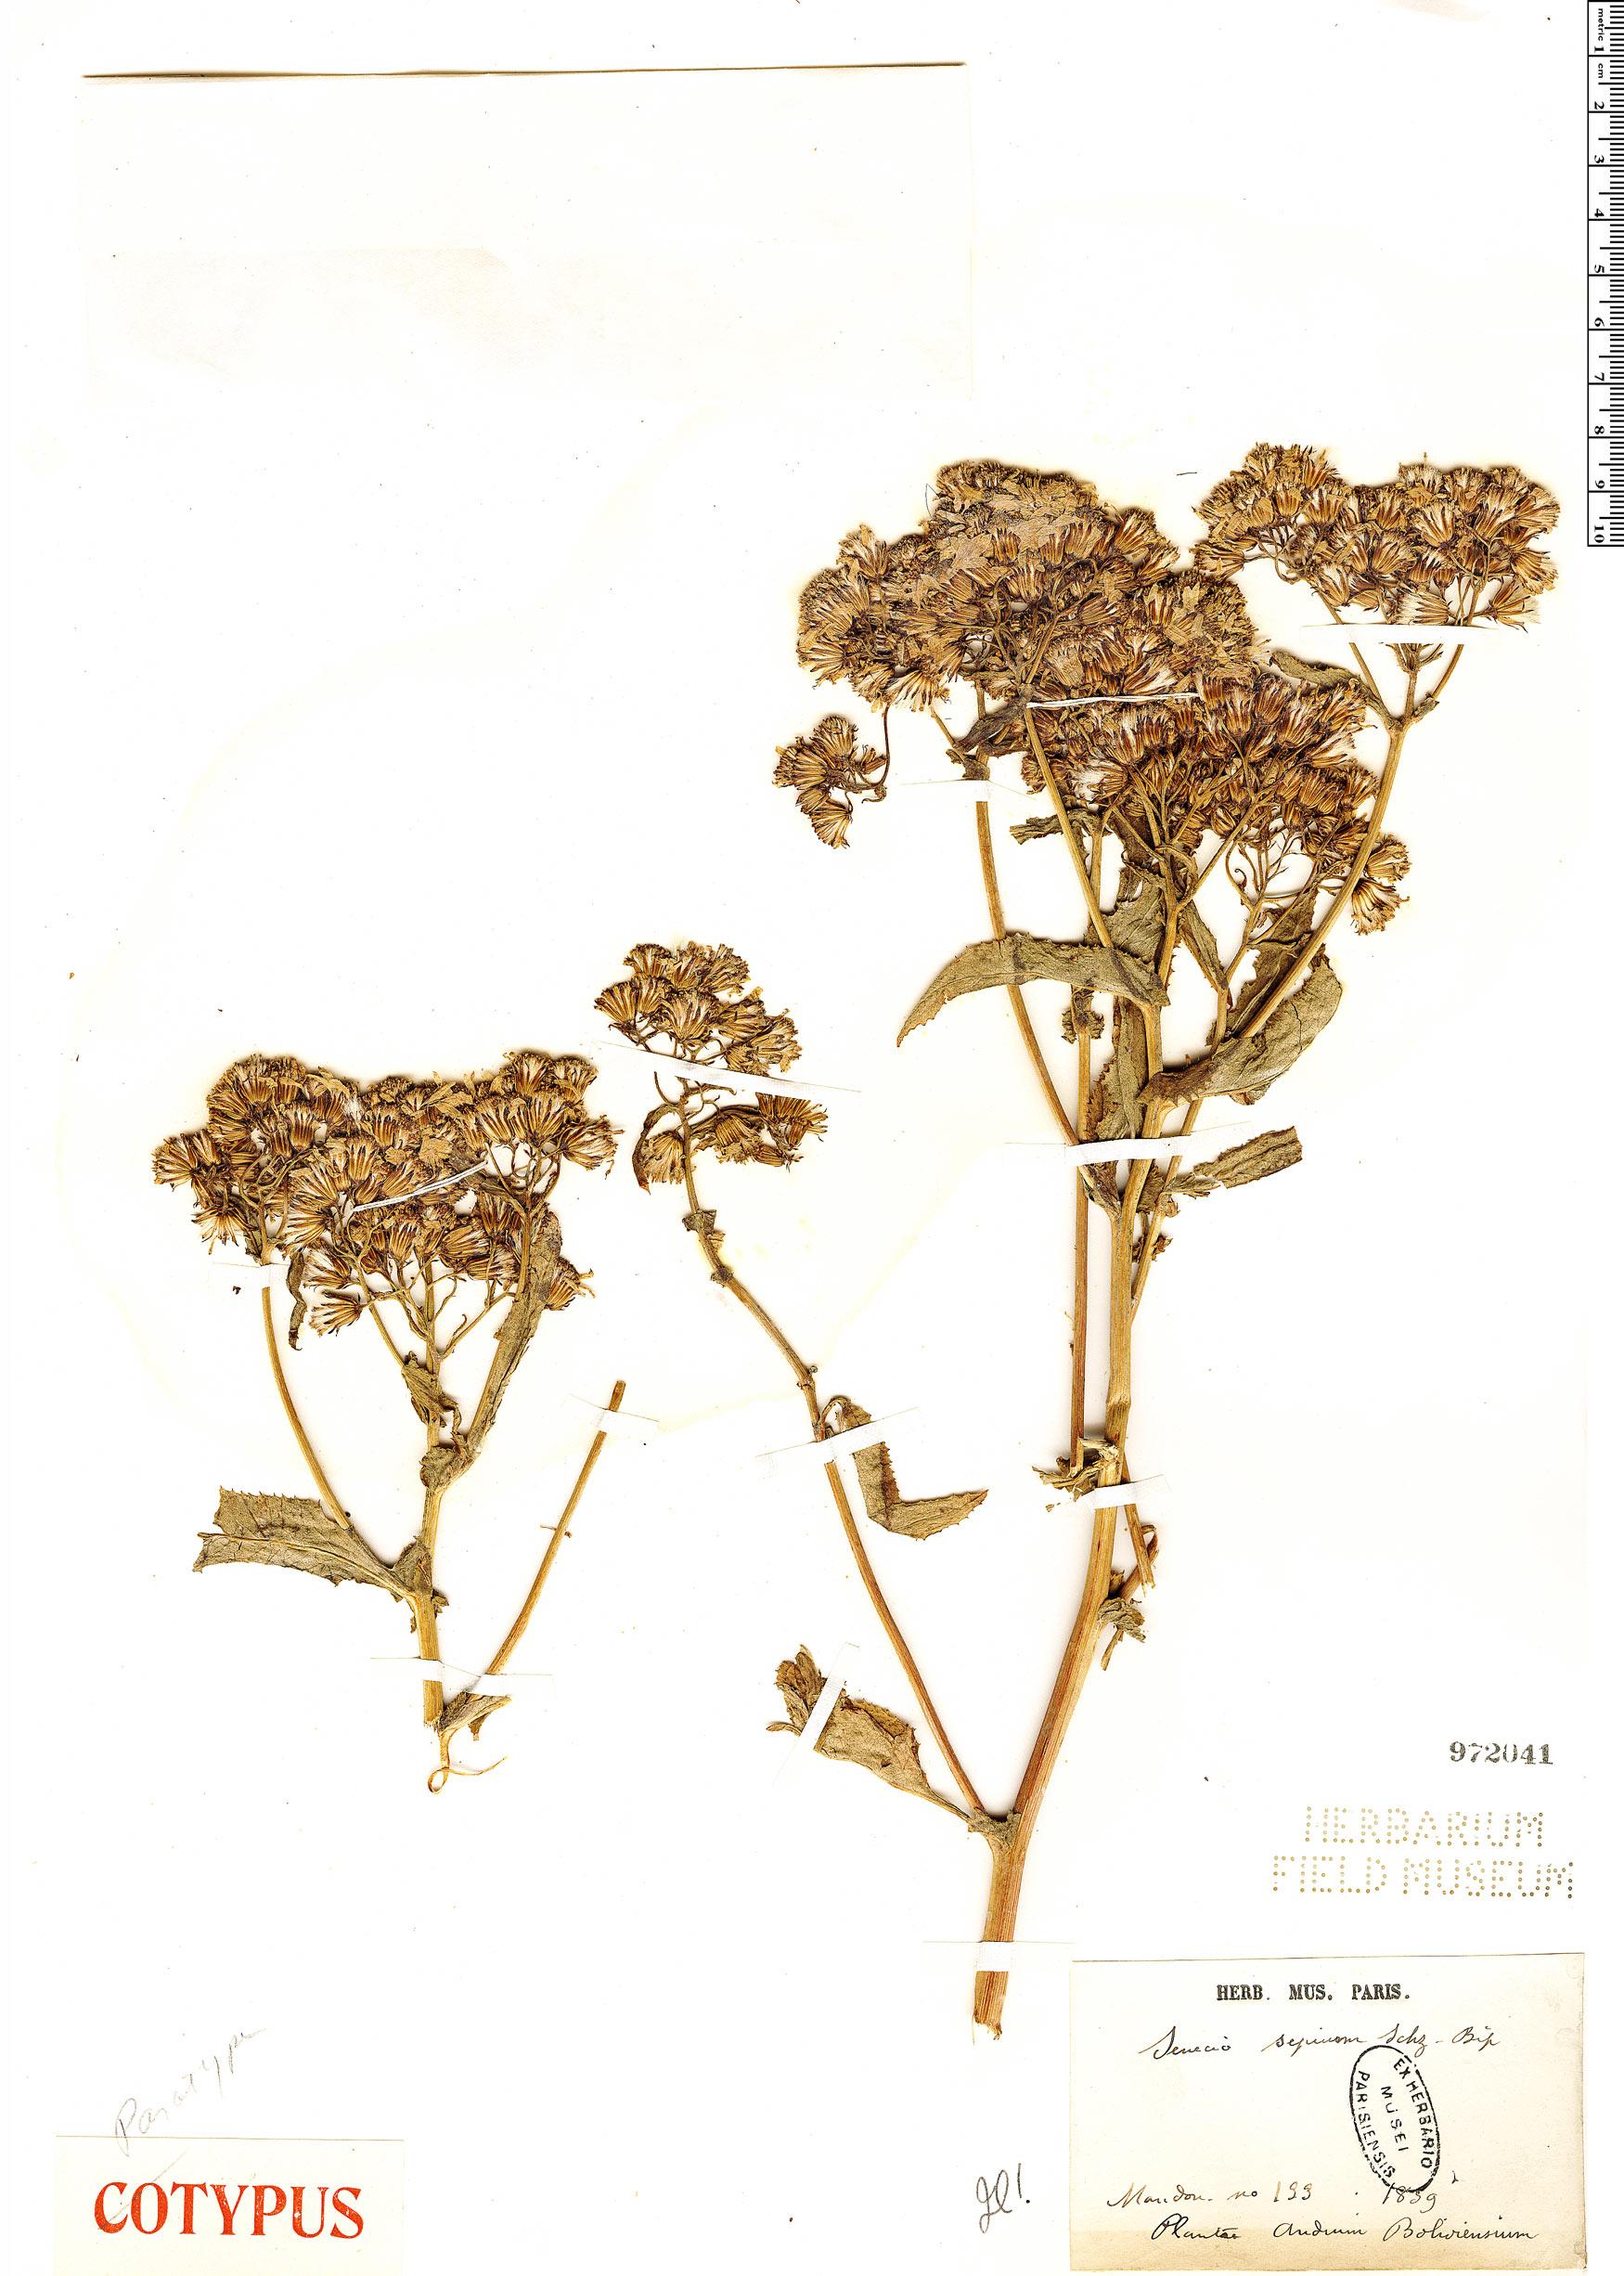 Specimen: Senecio sepium